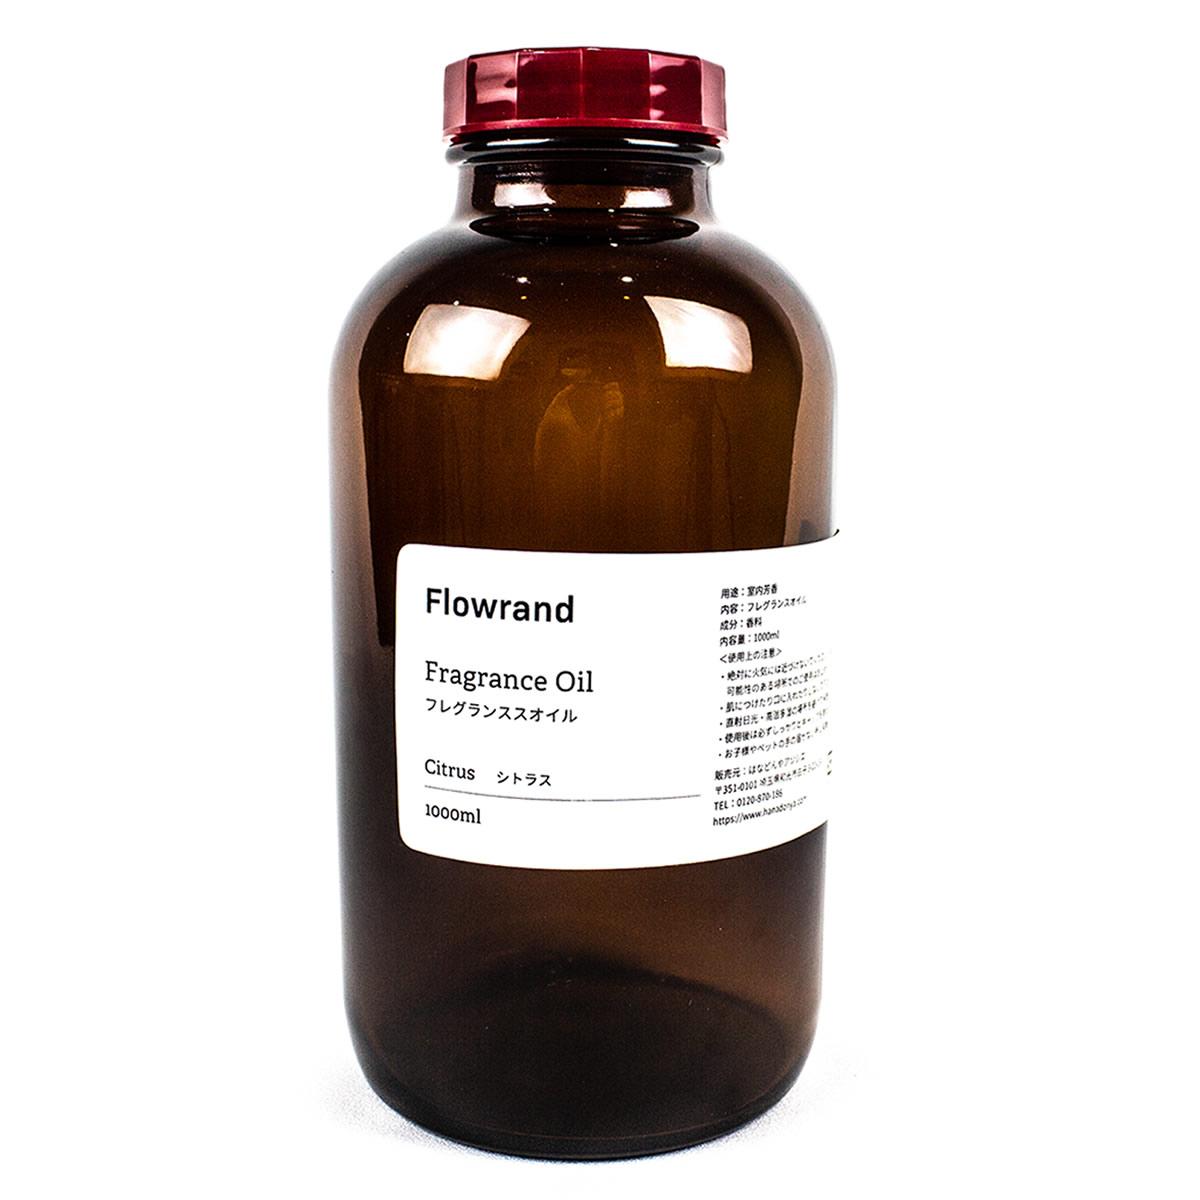 Flowrand/ハーバリウム用フレグランスオイル シトラス 1000ml【01】【取寄】